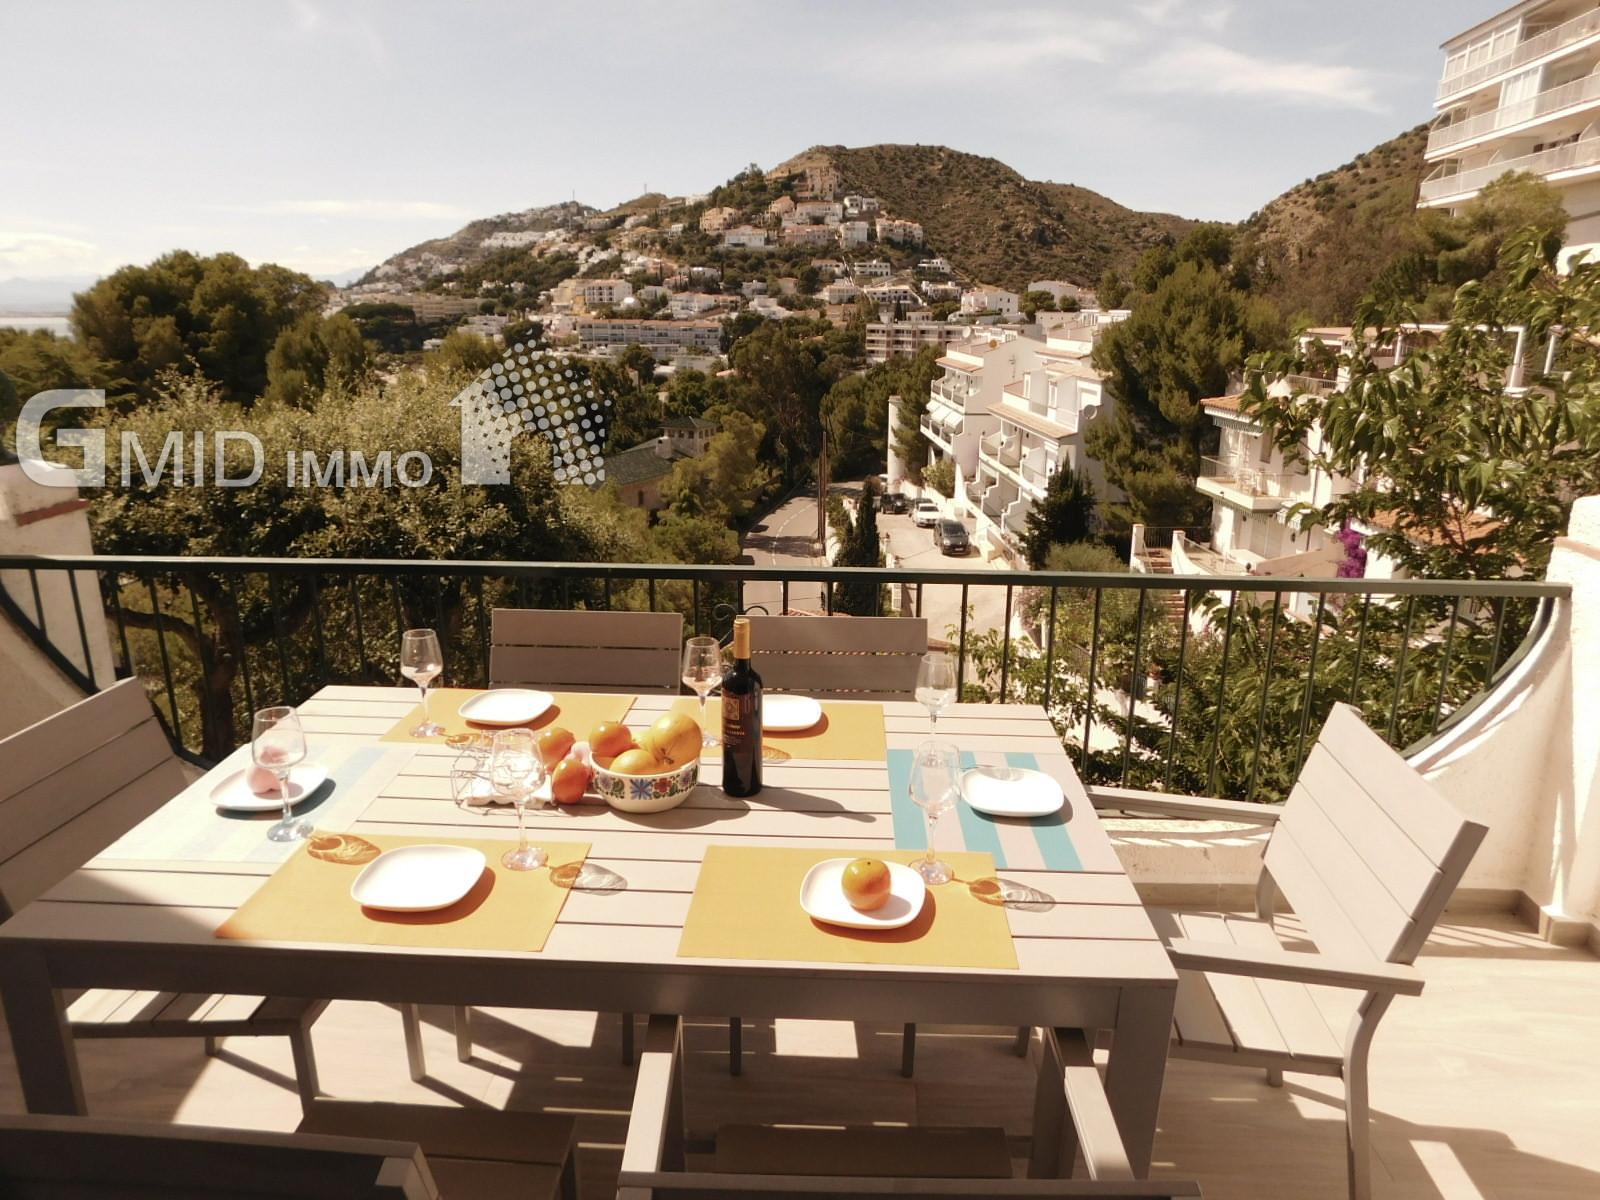 Casa de vacaciones cerca de la playa en almadrava roses costa brava inmuebles gmid immo - Casas en roses ...